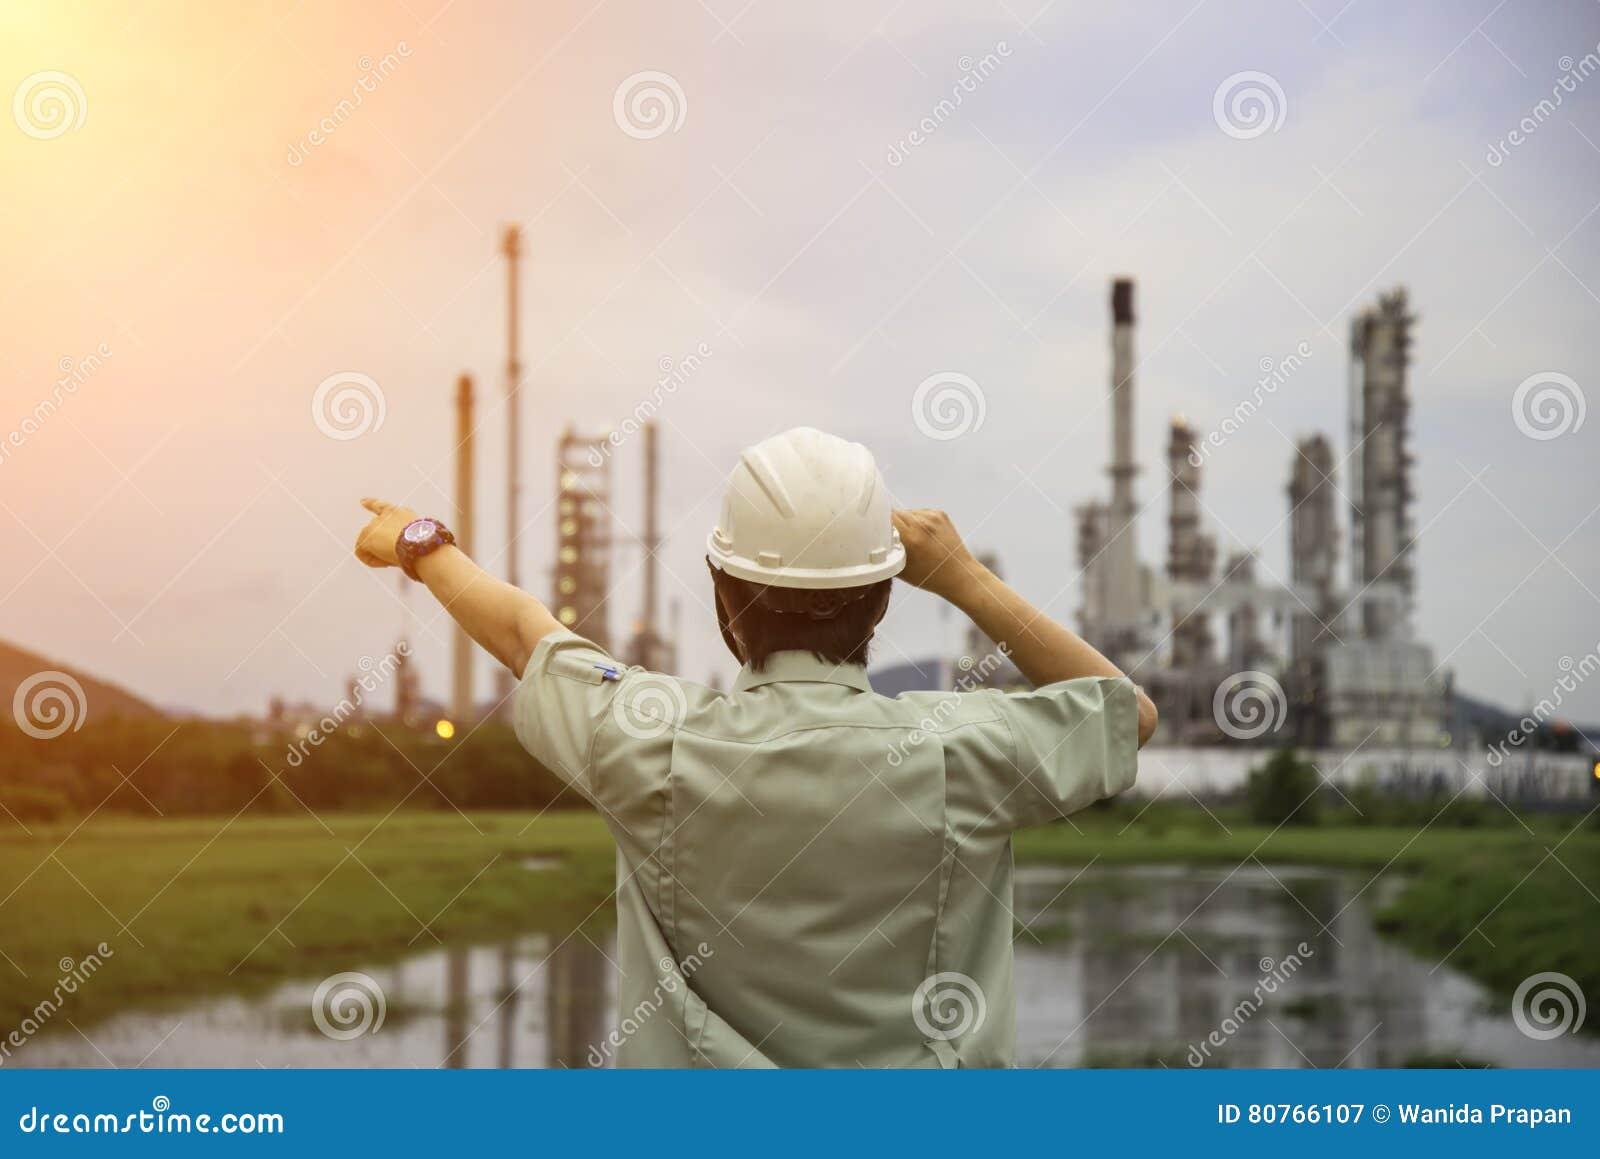 能源厂的手工作者